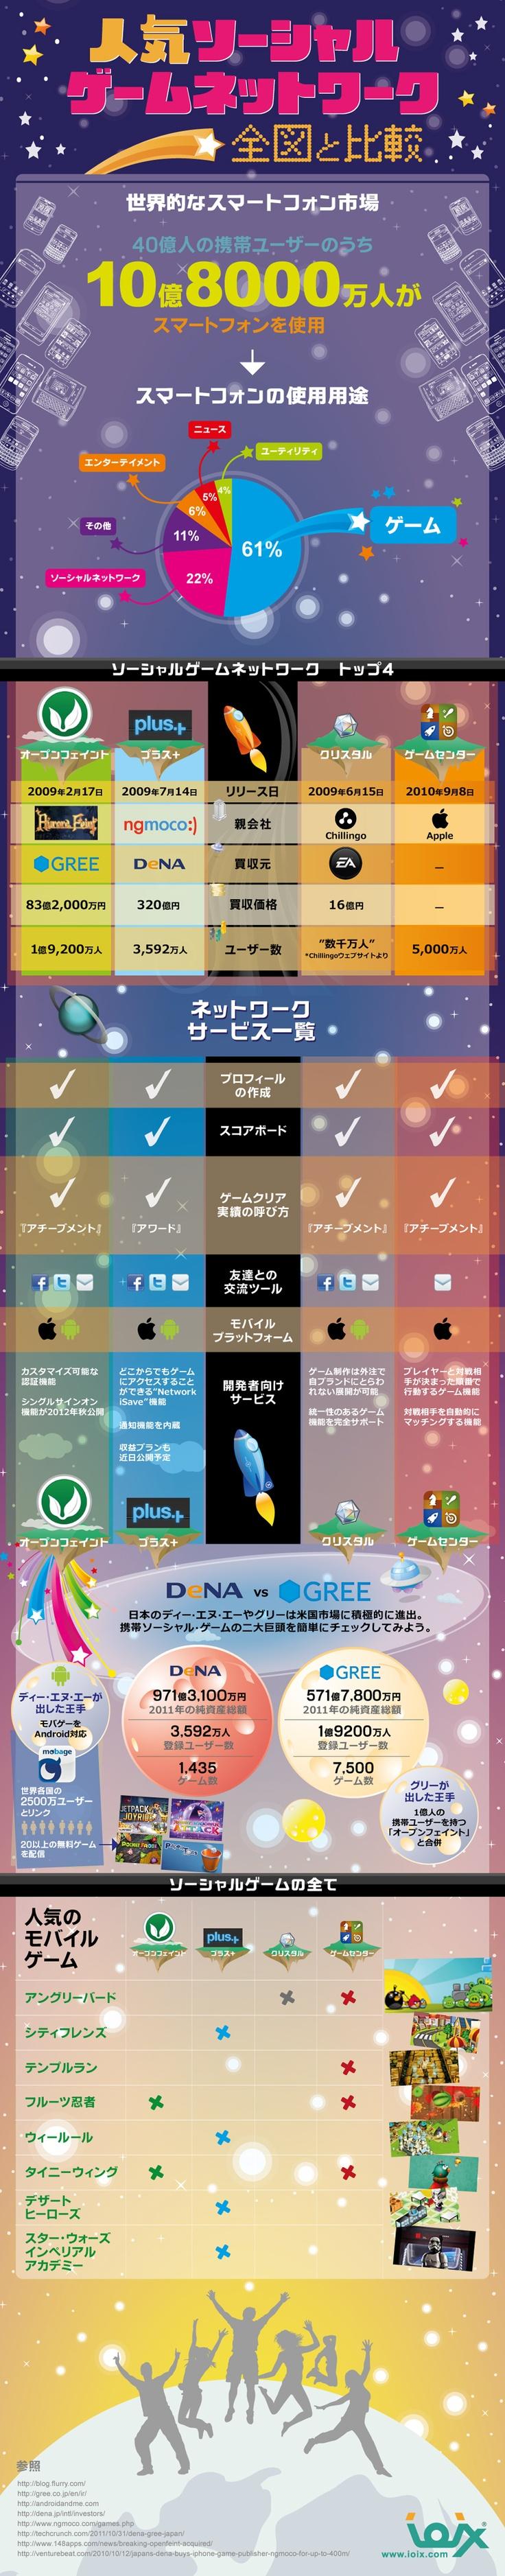 スマホのゲームネットワーク大手4社を比較したインフォグラフィック   SEO Japan